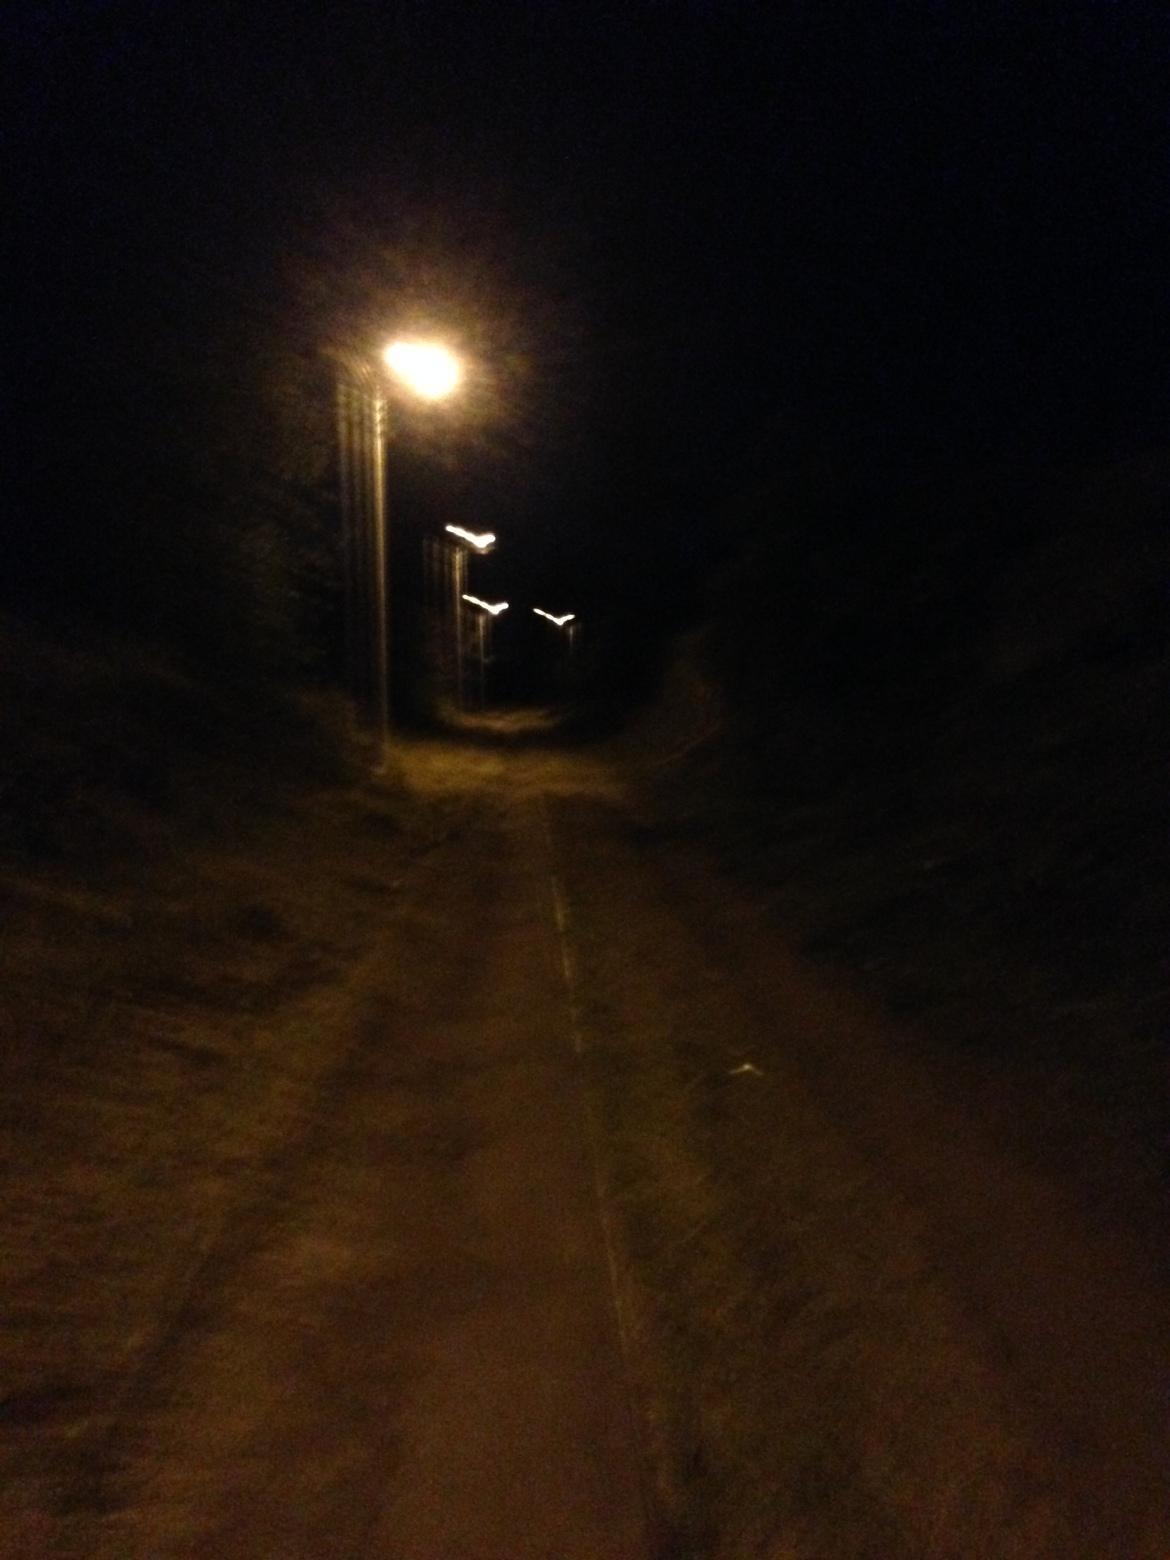 Caminhada de volta ficando tensa